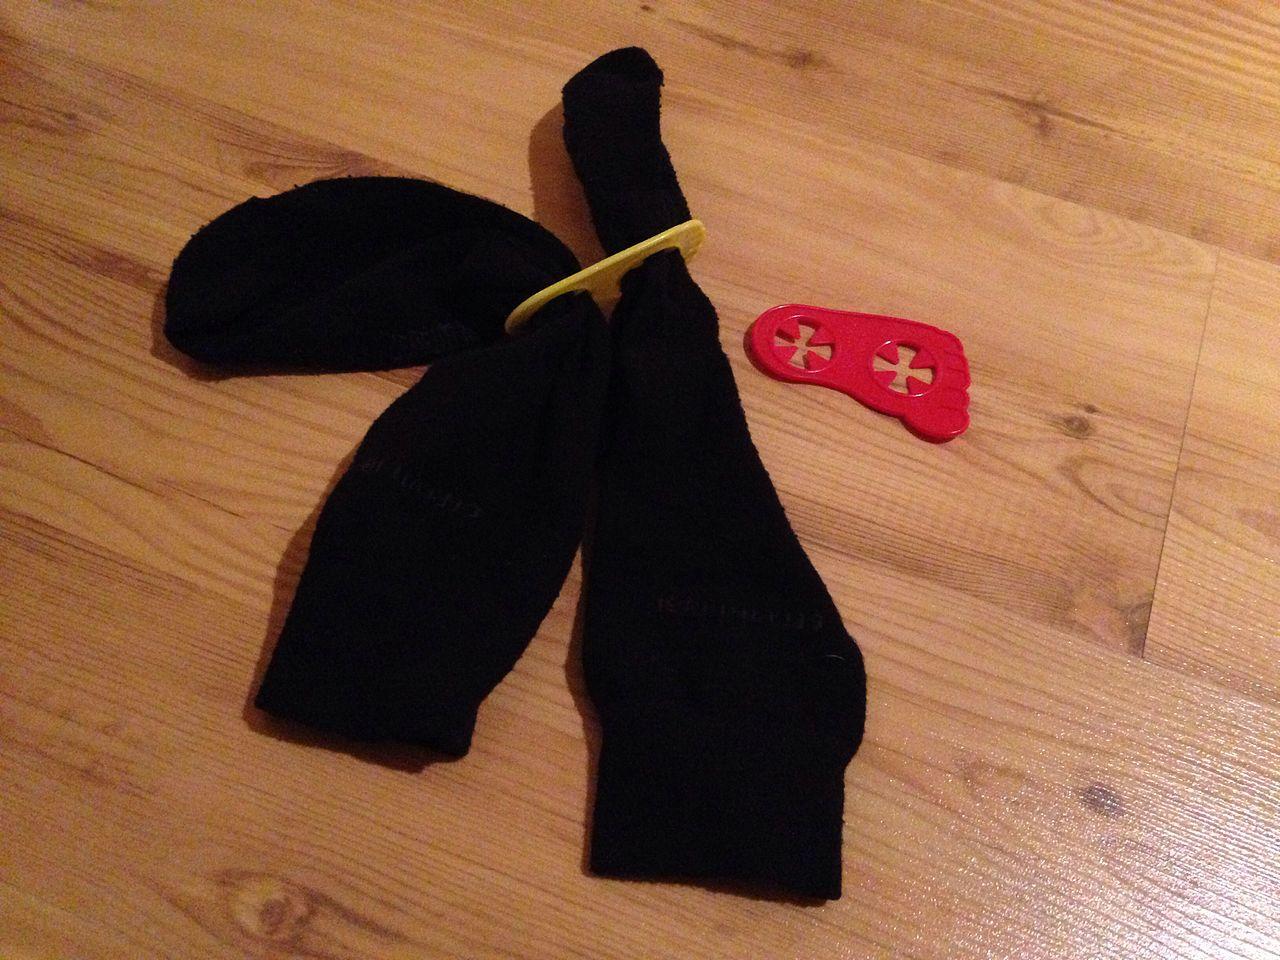 auf dem Bild sind 2 Socken·halter und ein paar schwarze Socken zu sehen